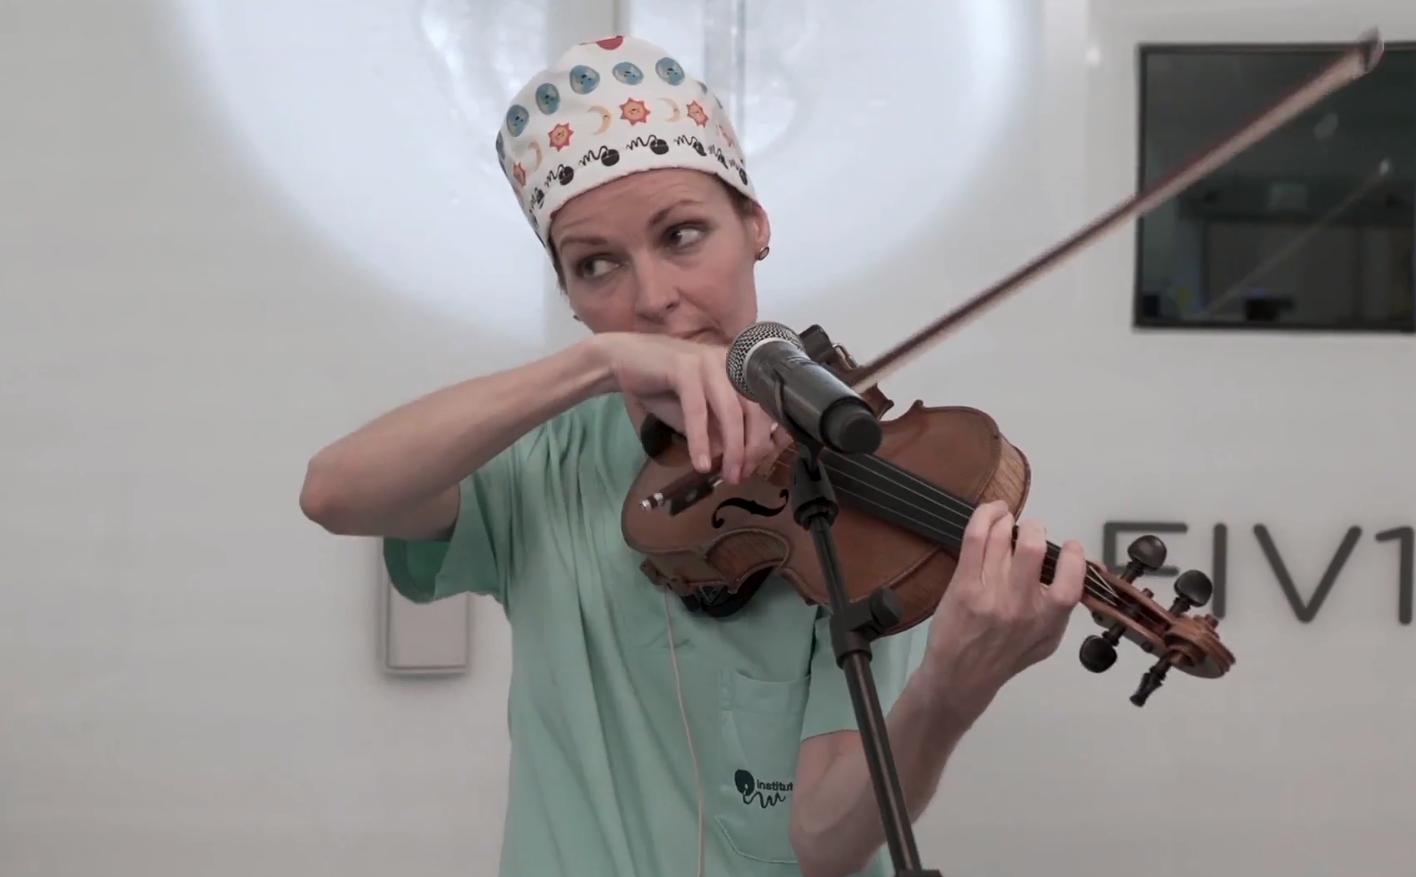 Sharon Corr śpiewa i gra na skrzypcach w Instituto Marques /Ilustracja do tekstu: Sharon Corr zaśpiewała dla zarodków z in vitro w Instituto Marques